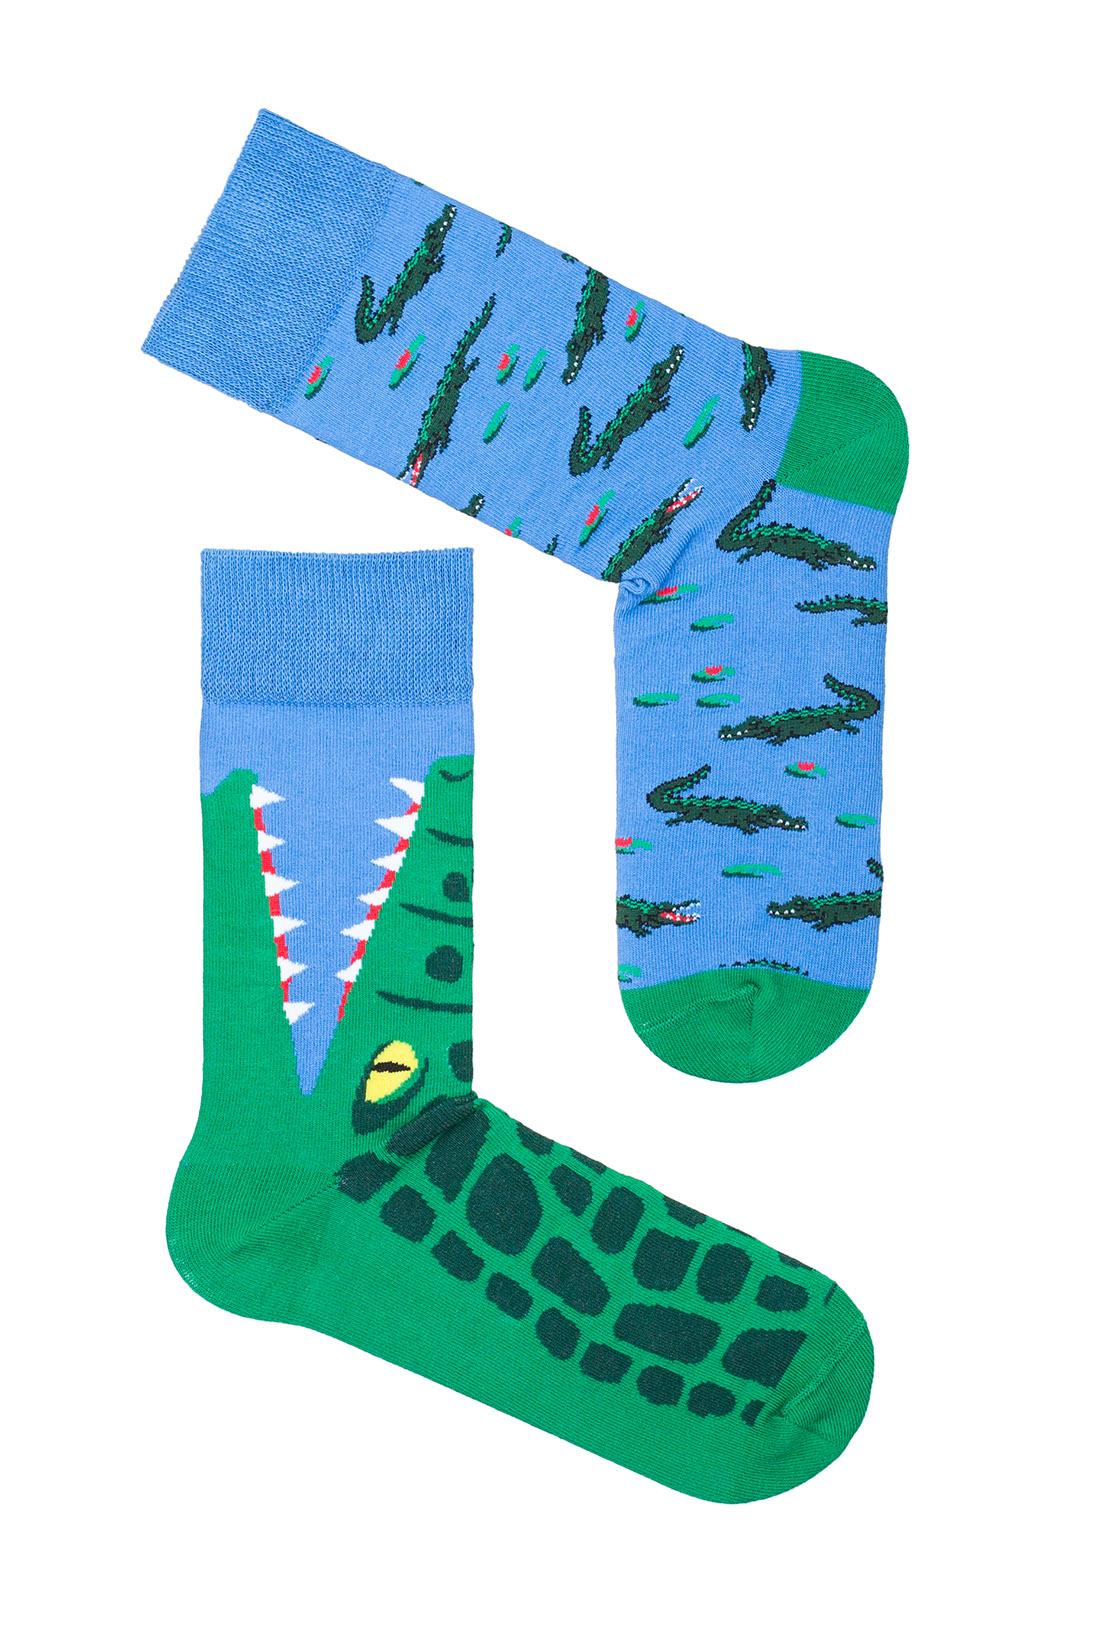 Asymetryczne dwie różne kolorowe skarpetki w krokodyle.